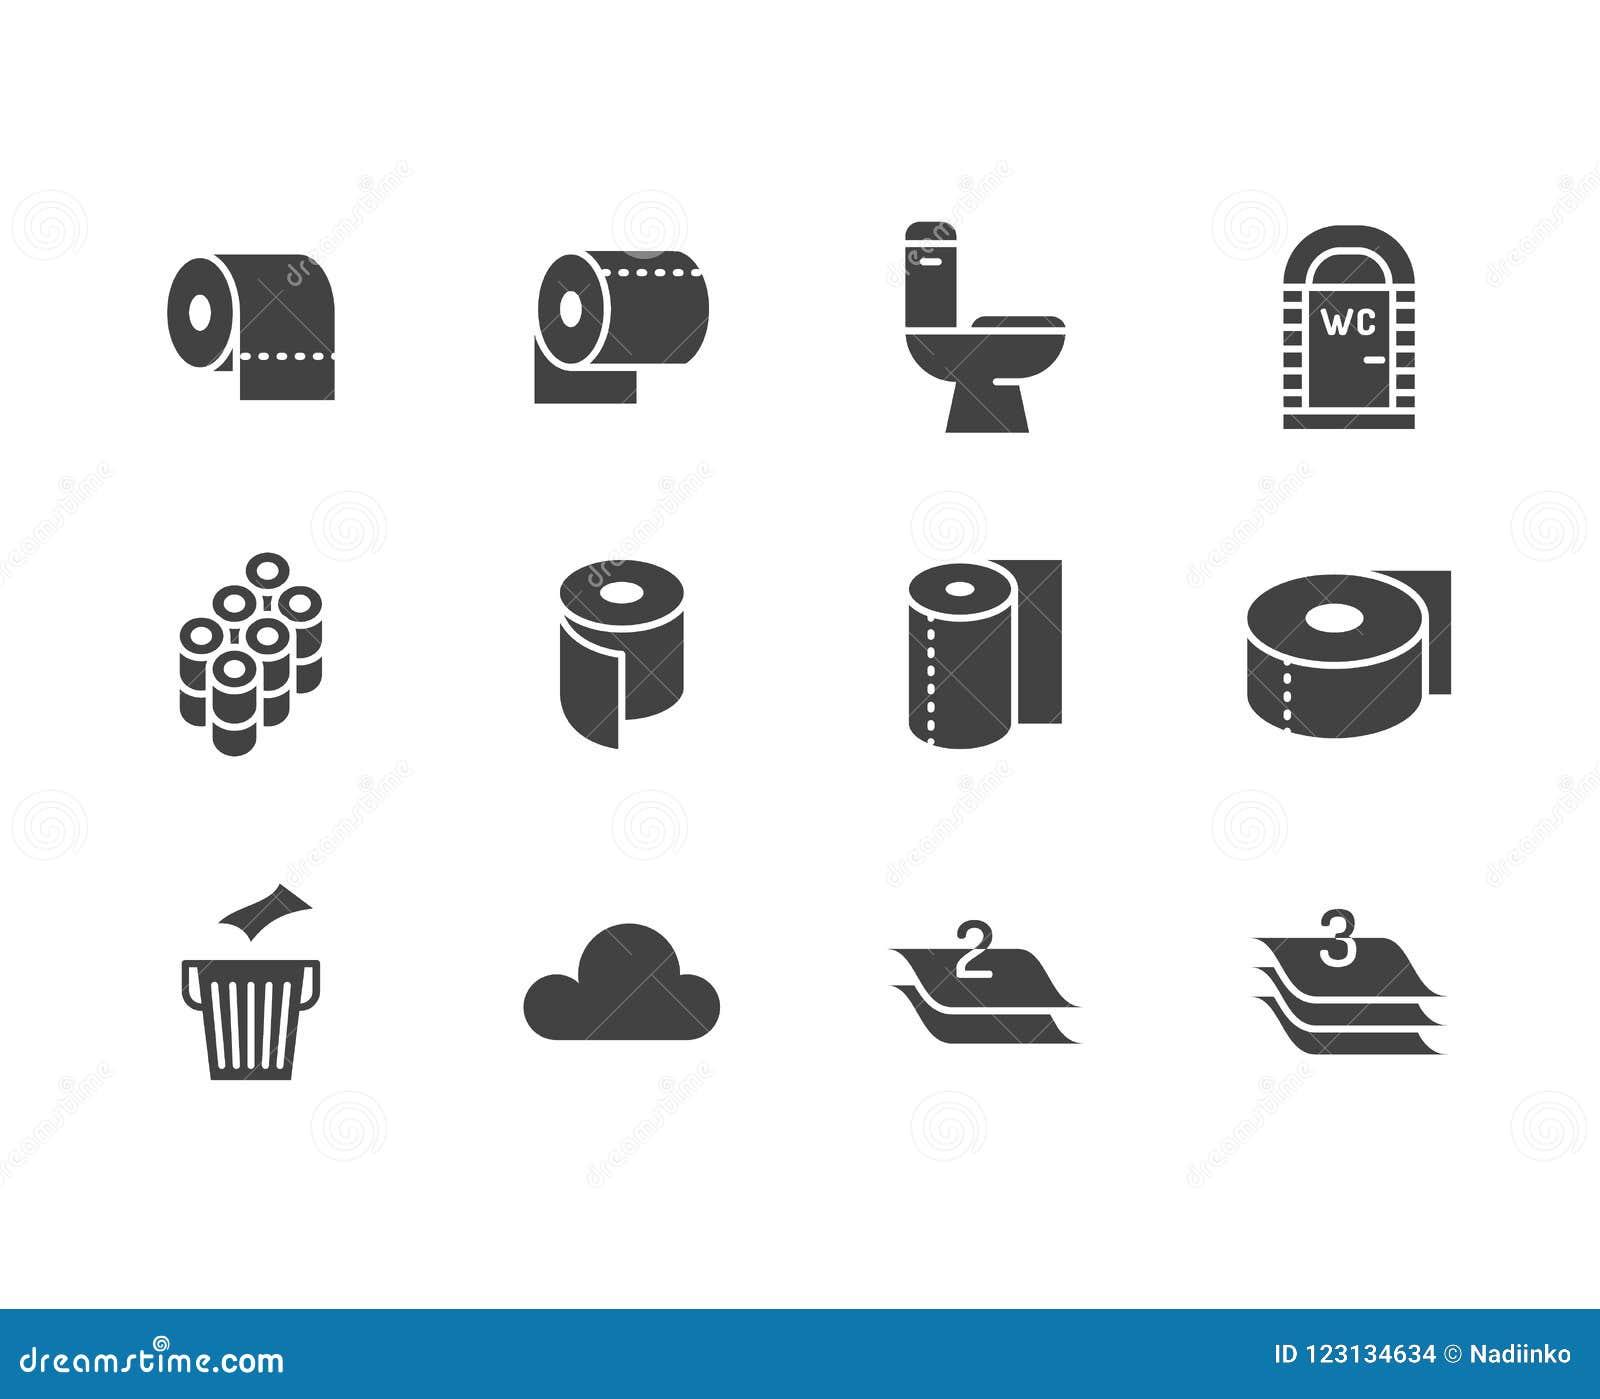 Papier toaletowy rolka, ręcznikowe płaskie glif ikony Higien wektorowe ilustracje, wiszącej ozdoby wc, toaleta, drzewo ablegrowal